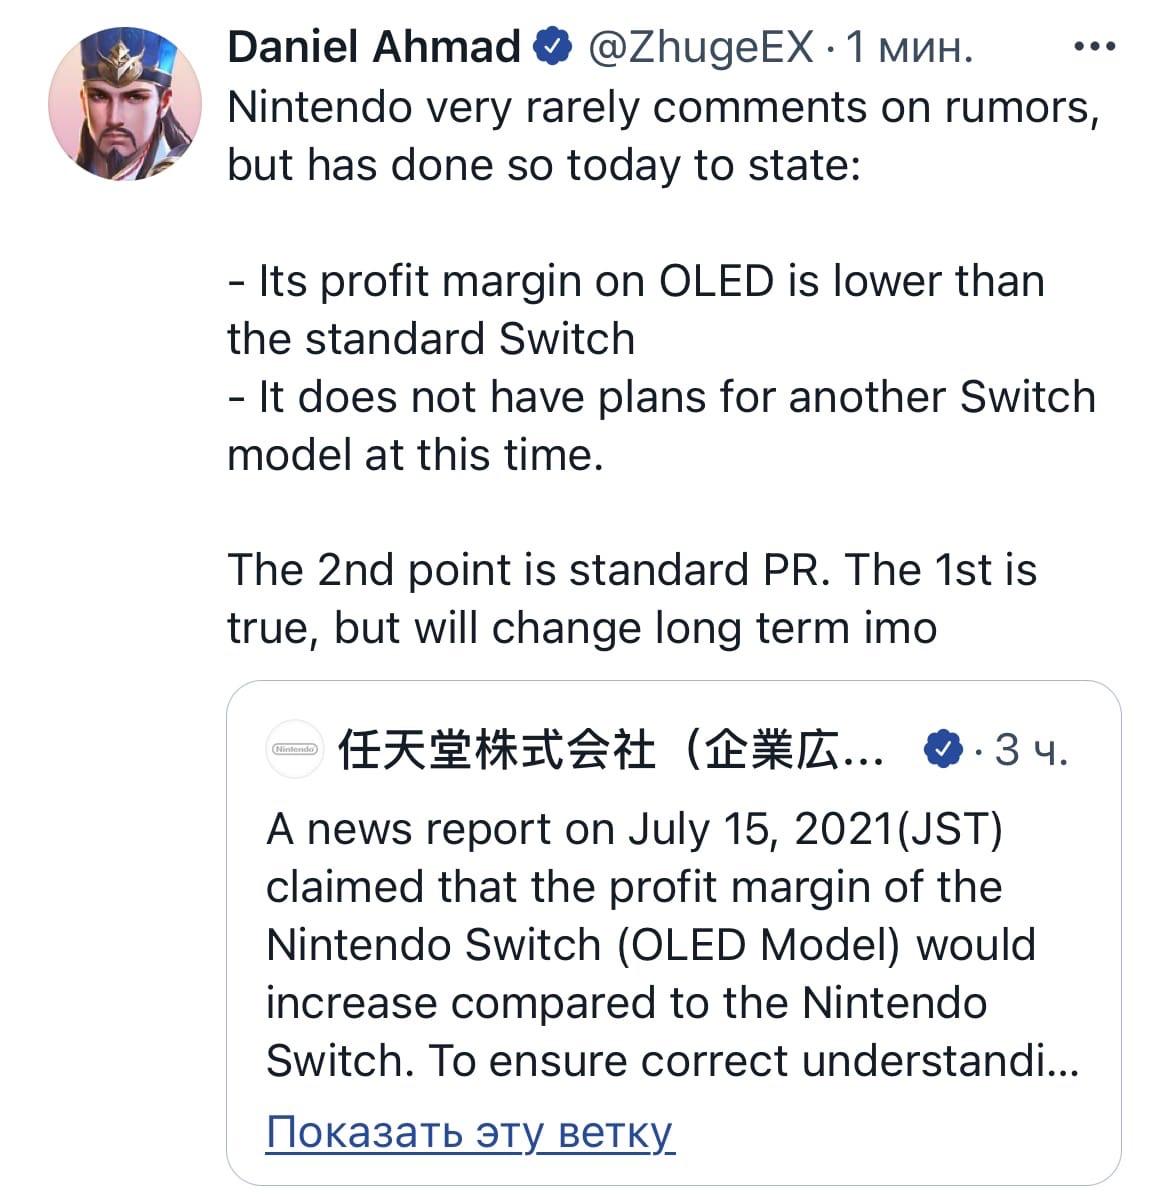 Nintendo опровергла недавний слух, что с продажи каждой модели Switch Oled получает больше денег, чем с обычной версии